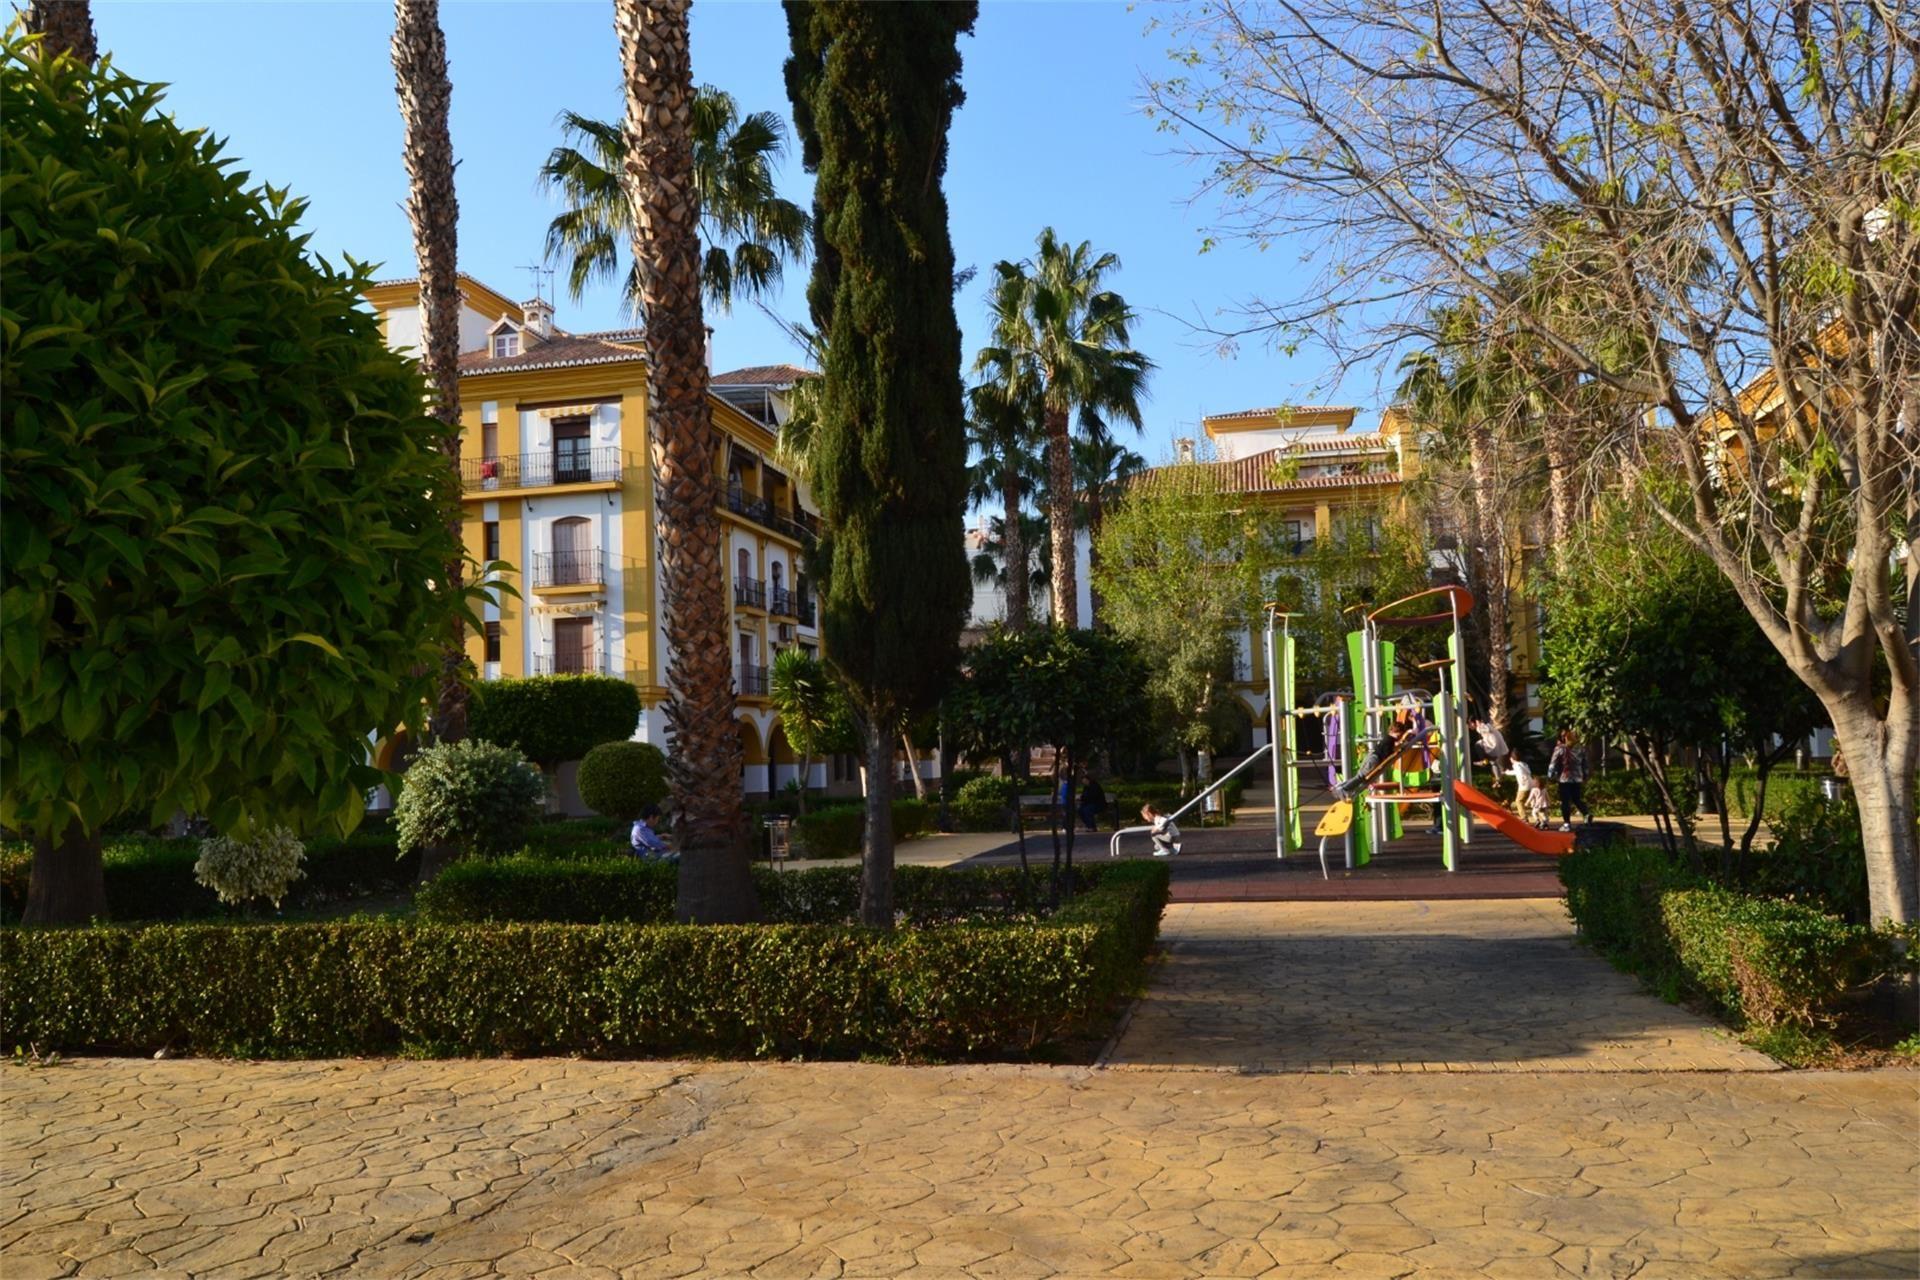 Piso de alquiler en Plaza del Señorío, 6, Rincón de la Victoria ciudad (Rincón de la Victoria, Málaga)